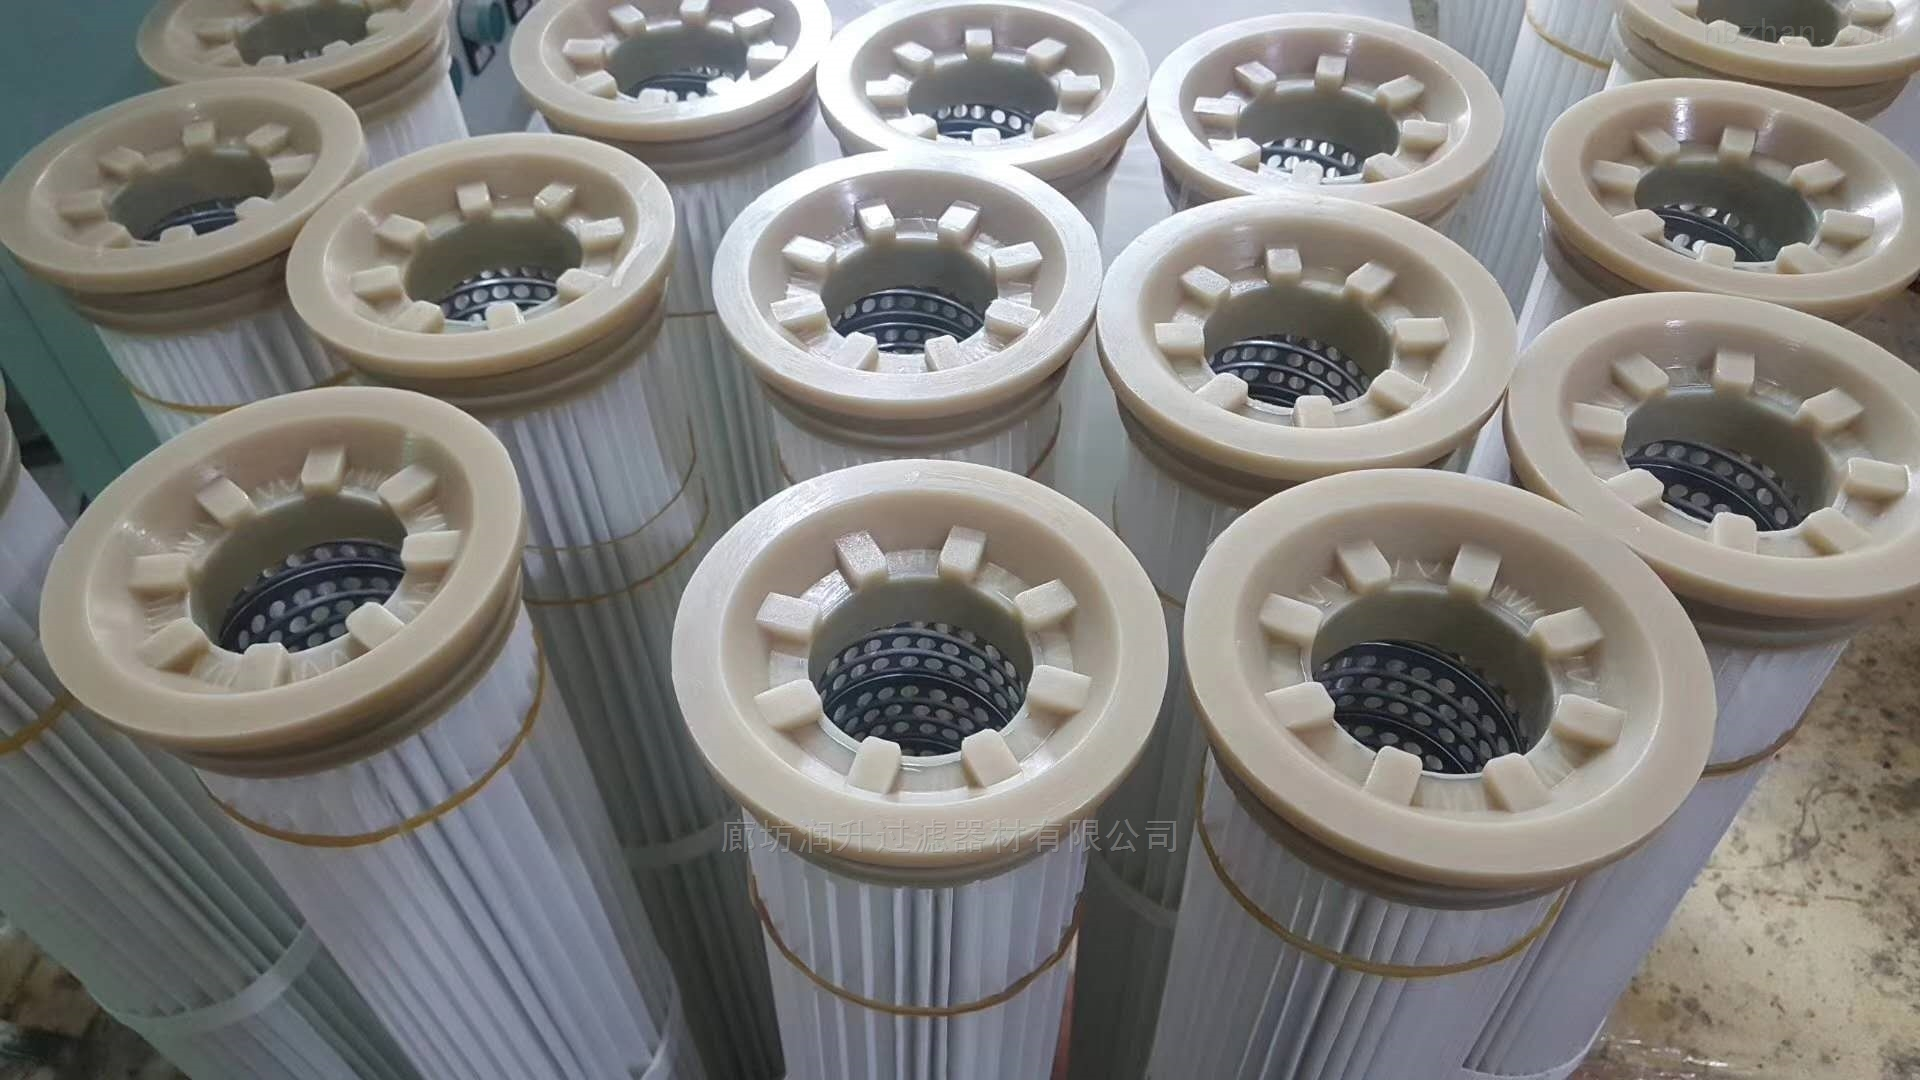 昆明DFM40PP005A01滤芯厂家